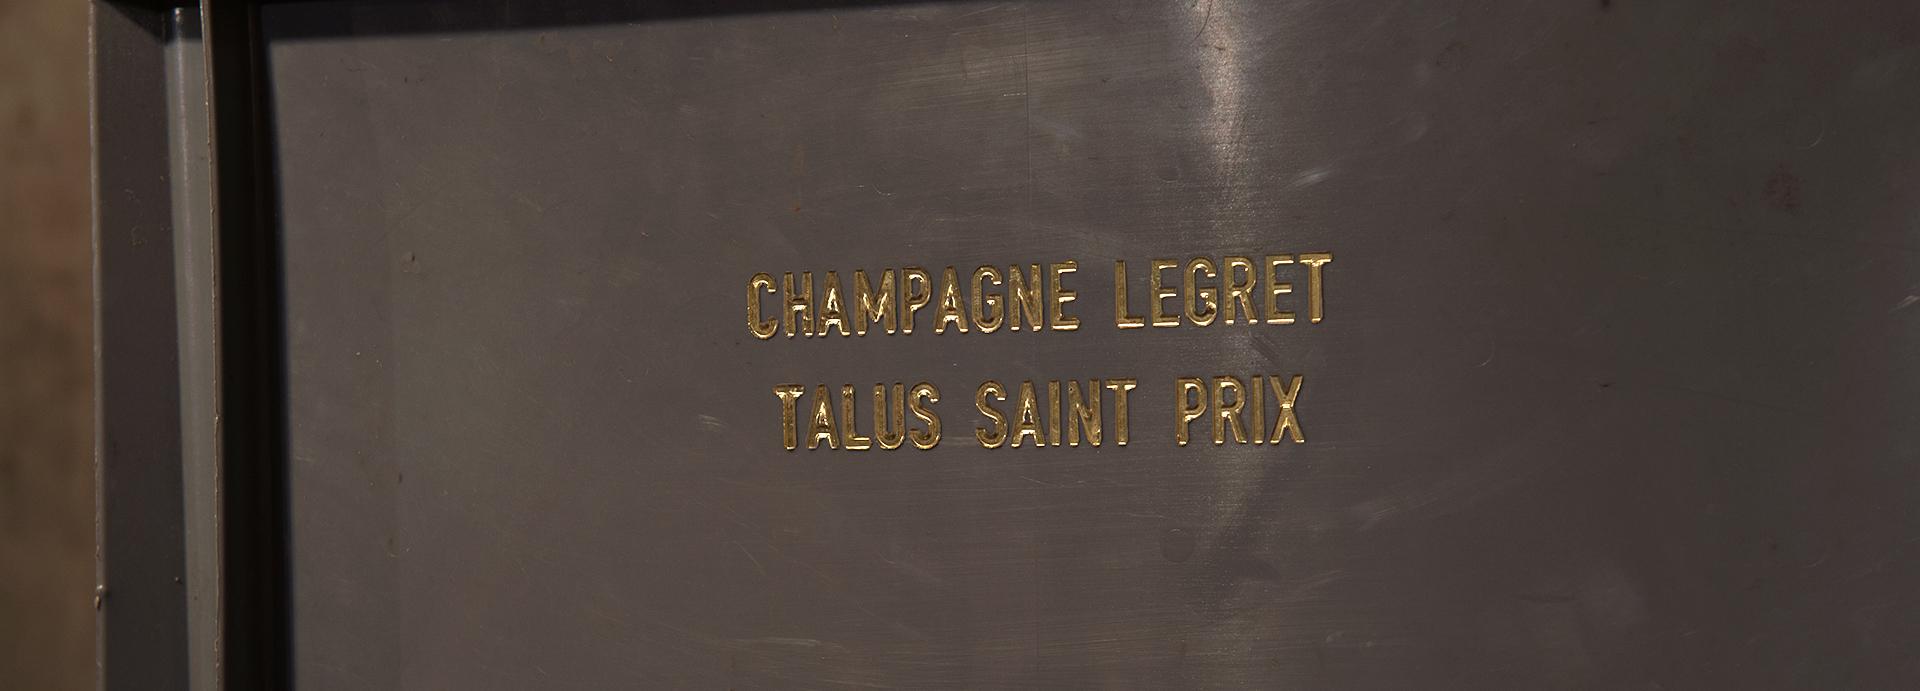 Champagne Legret & Fils à Talus Saint Prix